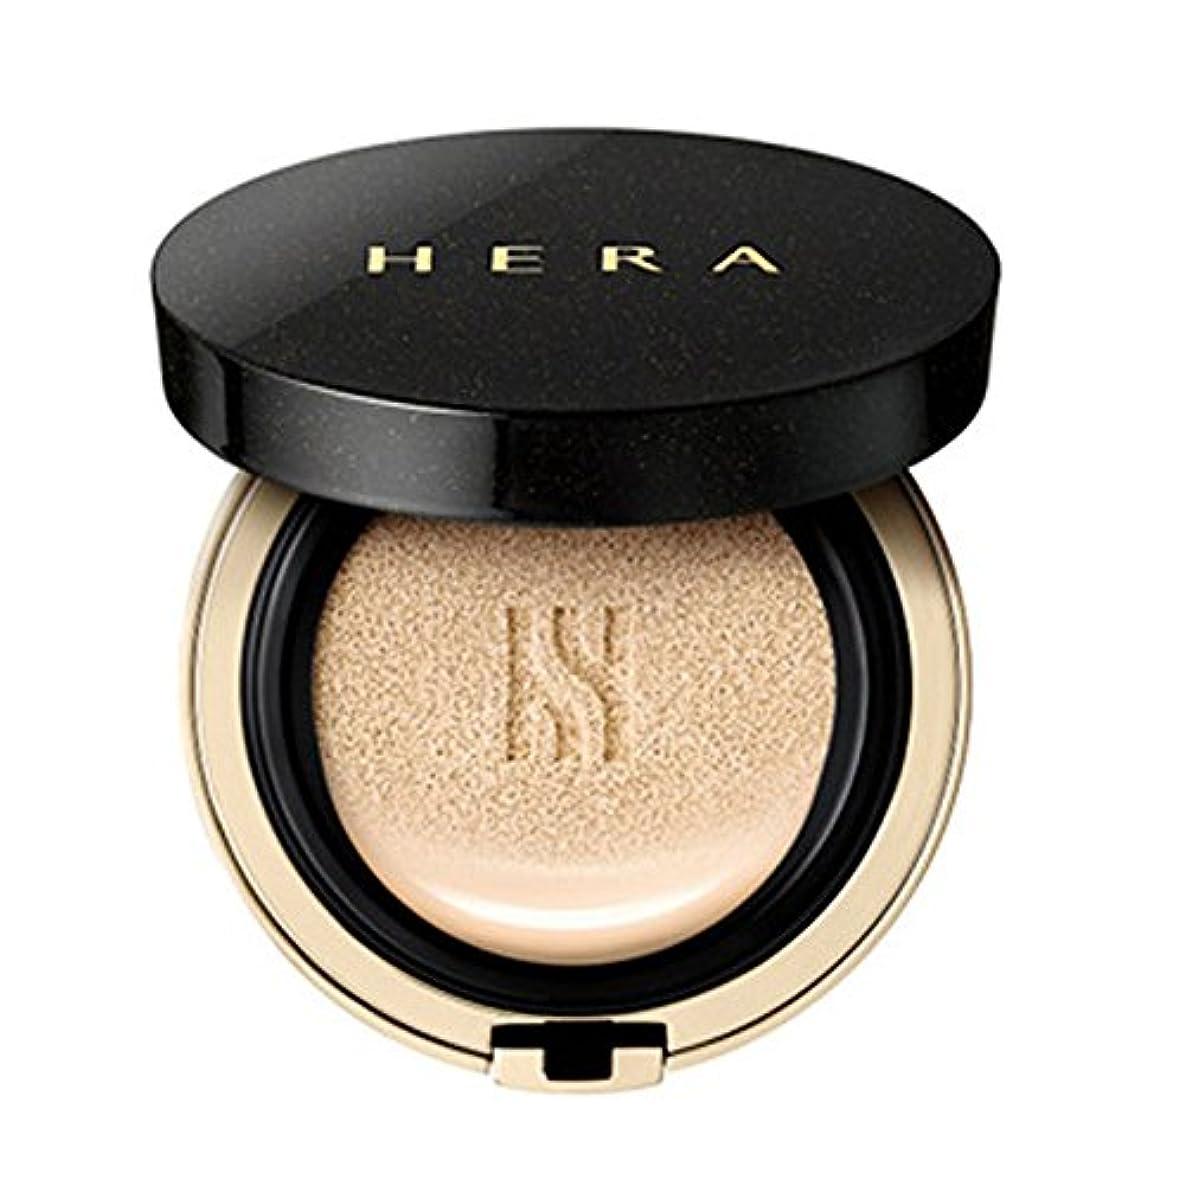 判定ロゴ蒸し器HERA(ヘラ) ブラッククッションファンデーション「21号バニラ」 本体15ml+リフィル15ml(各1個)